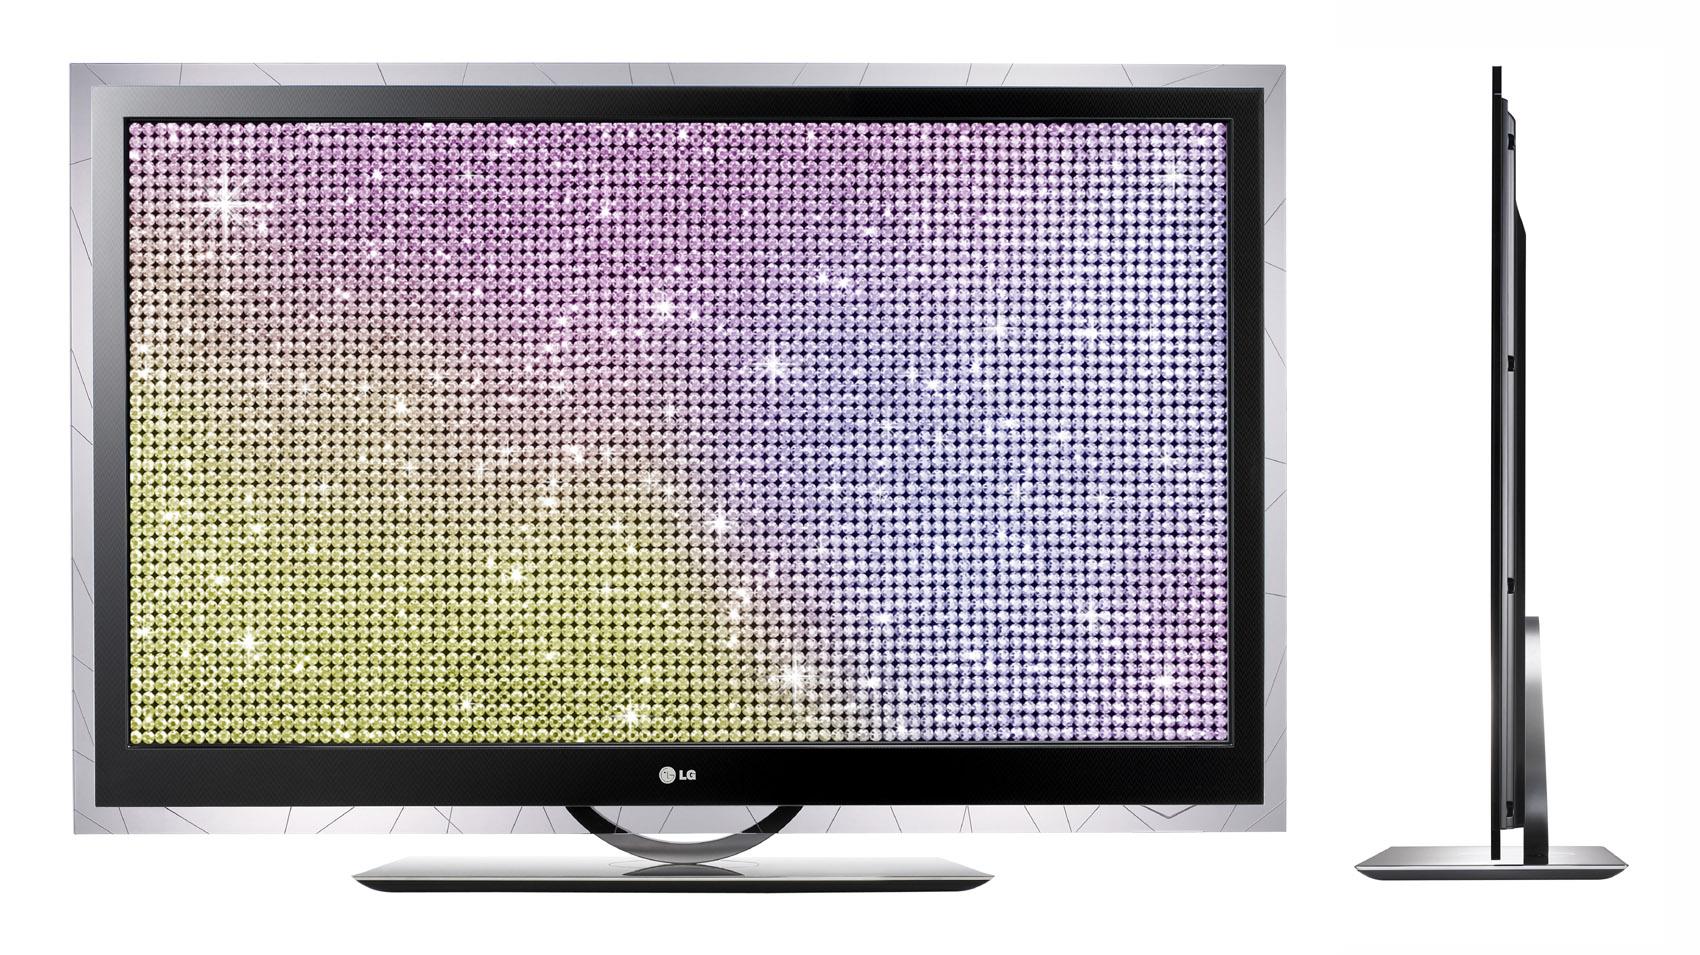 """LG ultra-slim """"Full LED"""" 55-inch LCD HDTVs"""